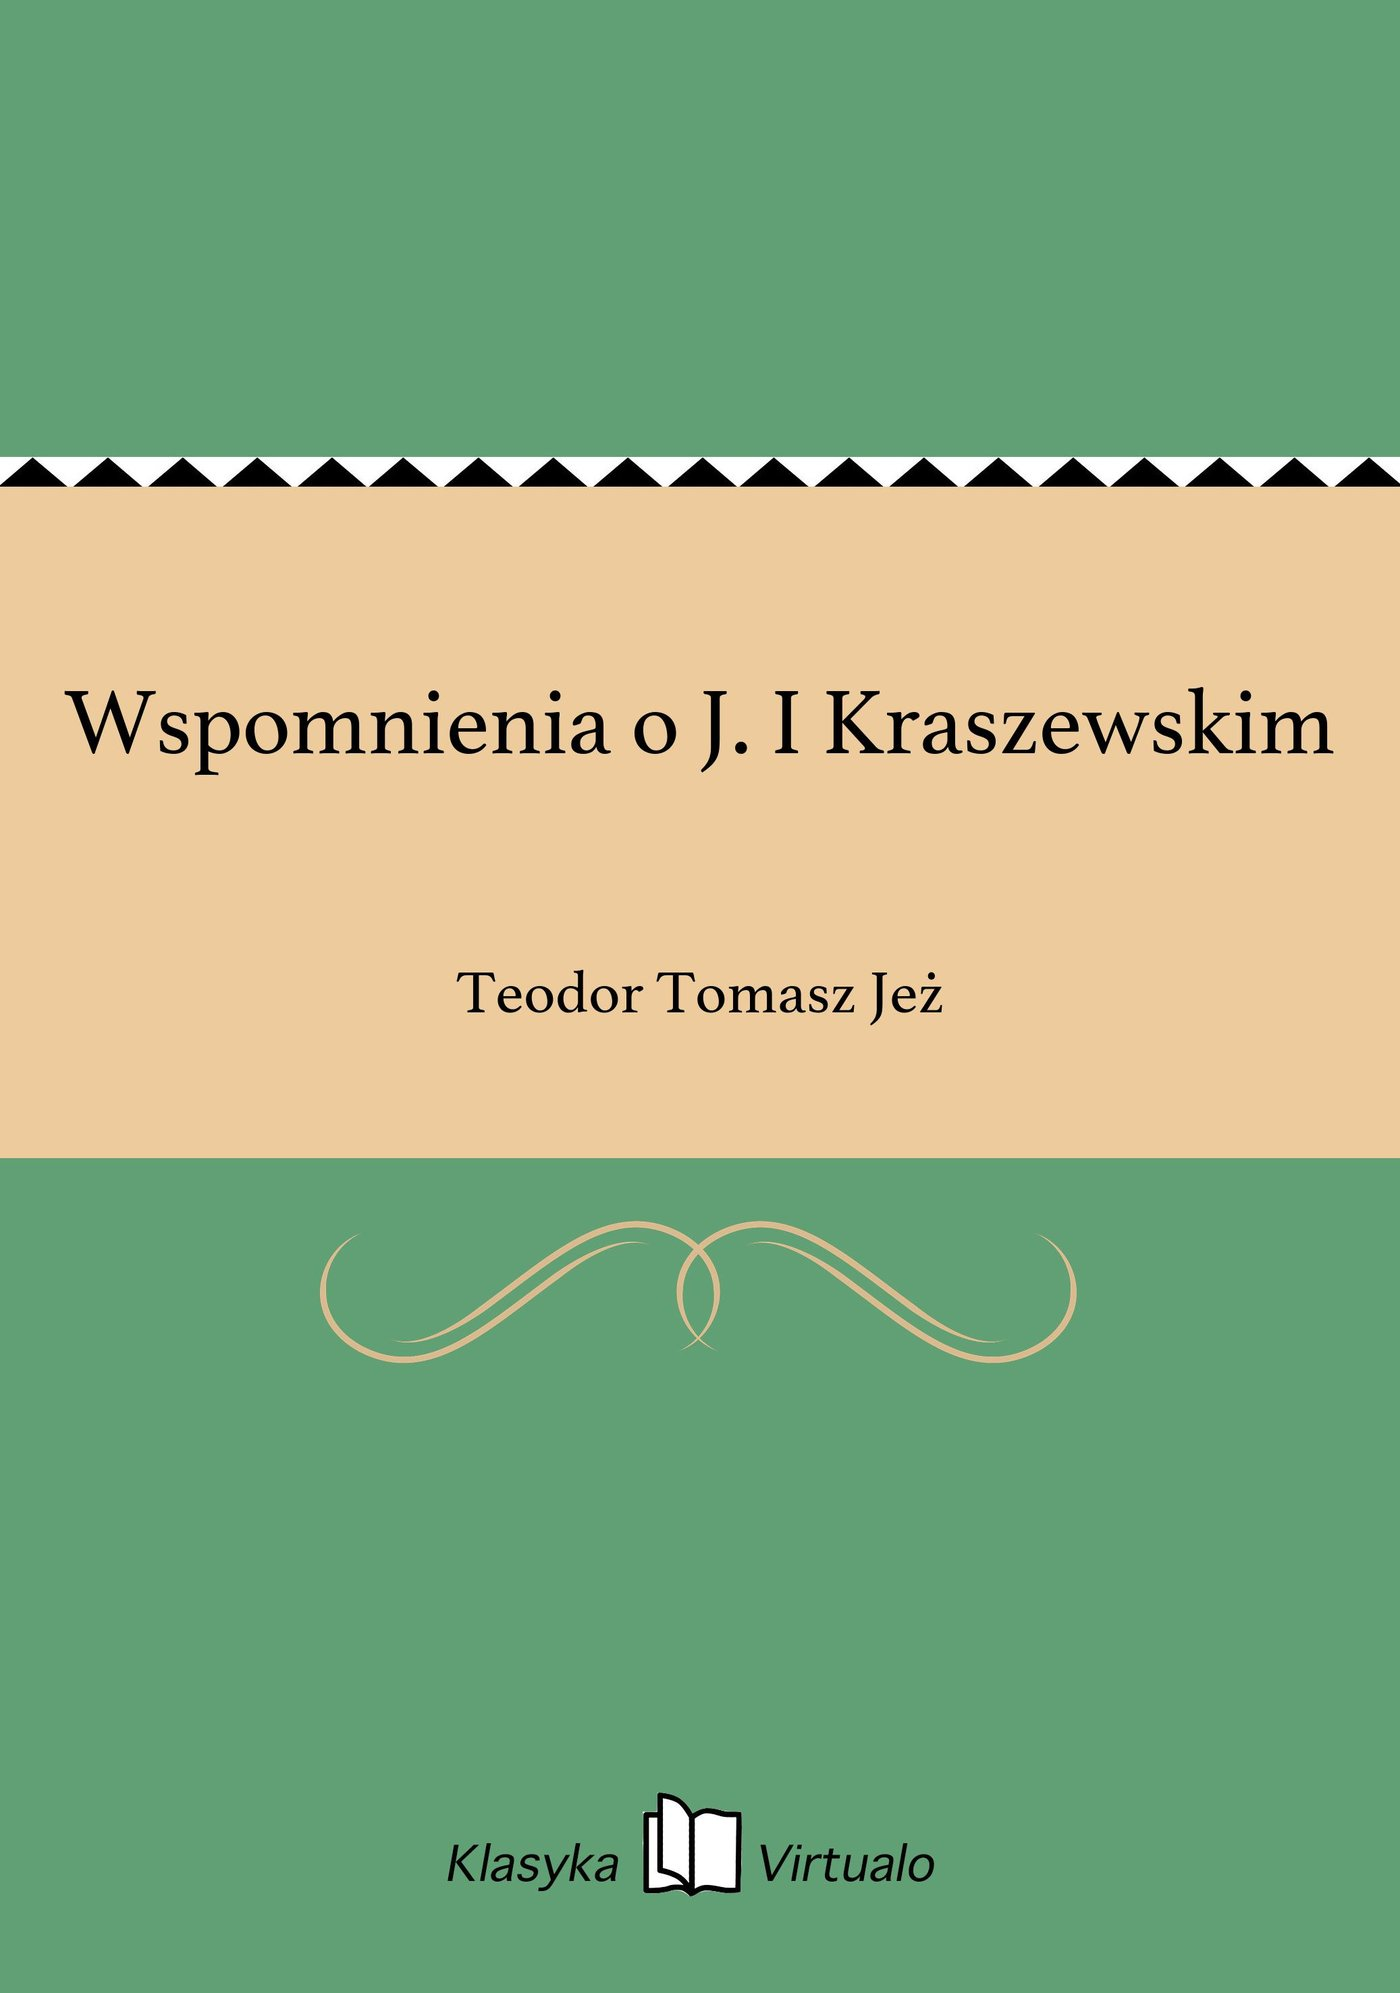 Wspomnienia o J. I Kraszewskim - Ebook (Książka EPUB) do pobrania w formacie EPUB